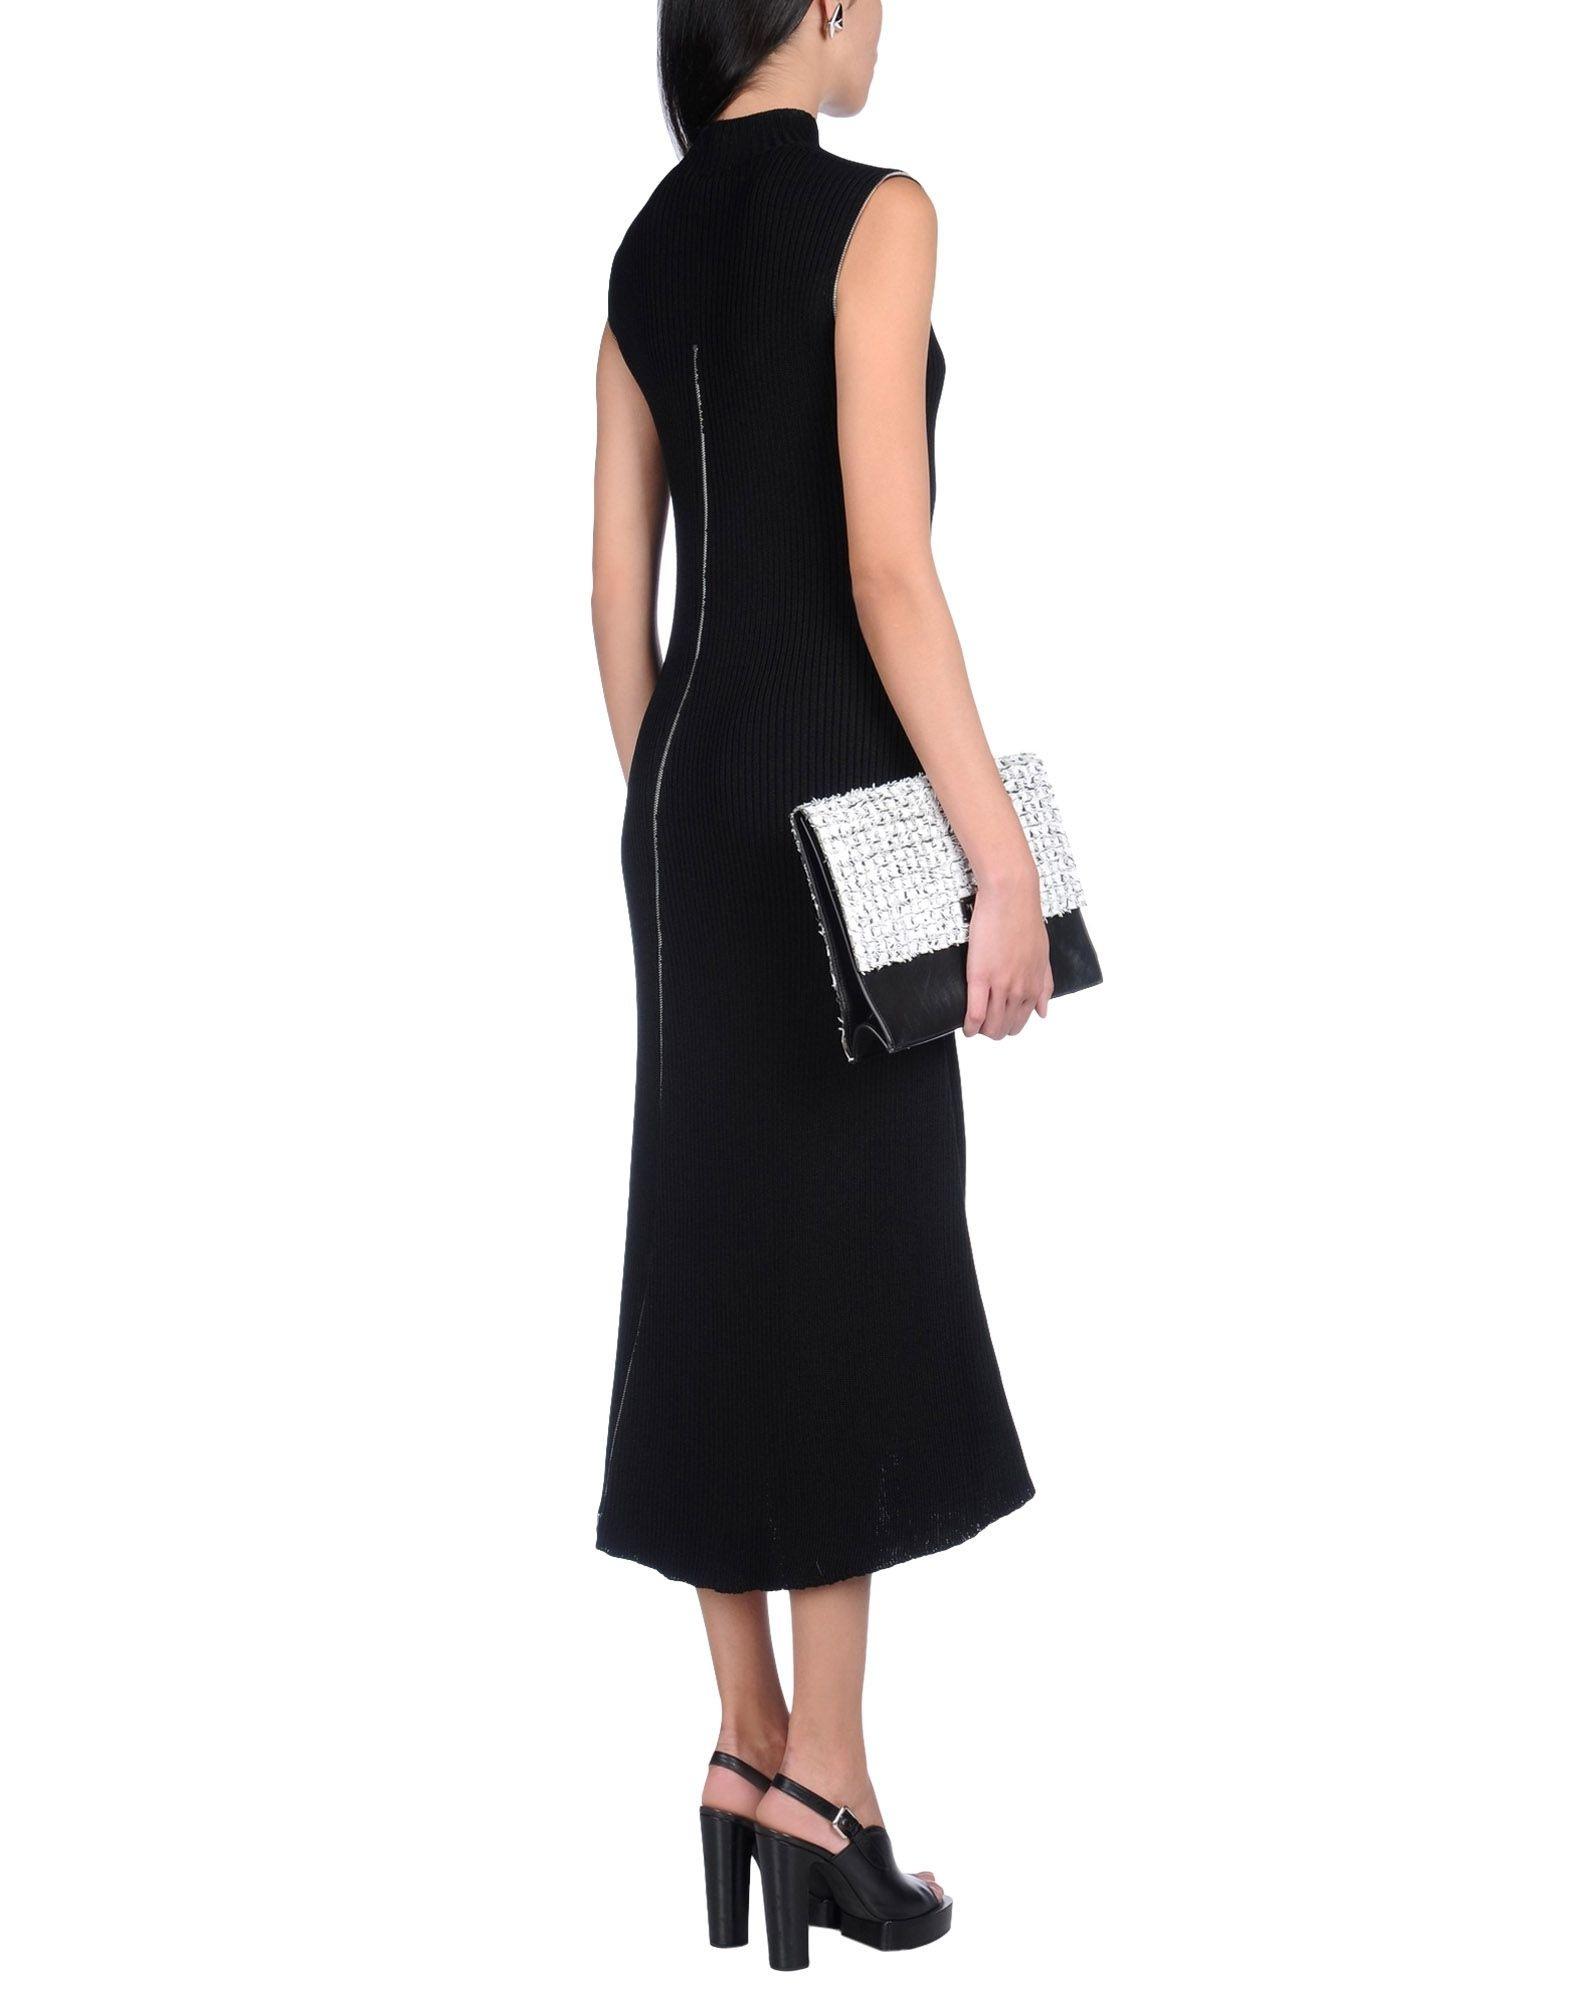 17 Fantastisch Kleid Midi Schwarz SpezialgebietFormal Erstaunlich Kleid Midi Schwarz Boutique